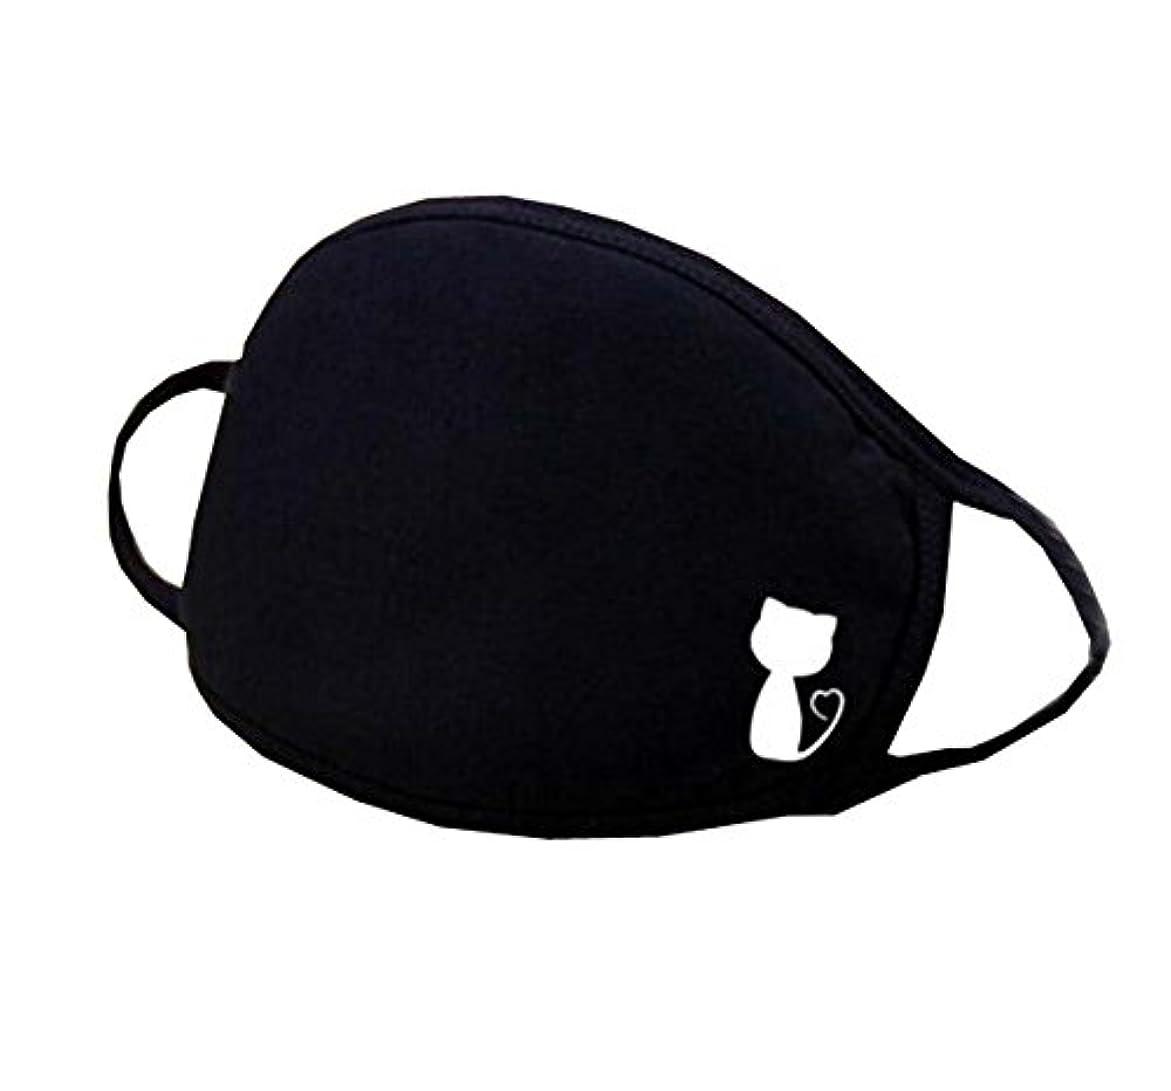 旅行栄光ブルーム口腔マスク、ユニセックスマスク男性用/女性用アンチダストコットンフェイスマスク(2個)、A8